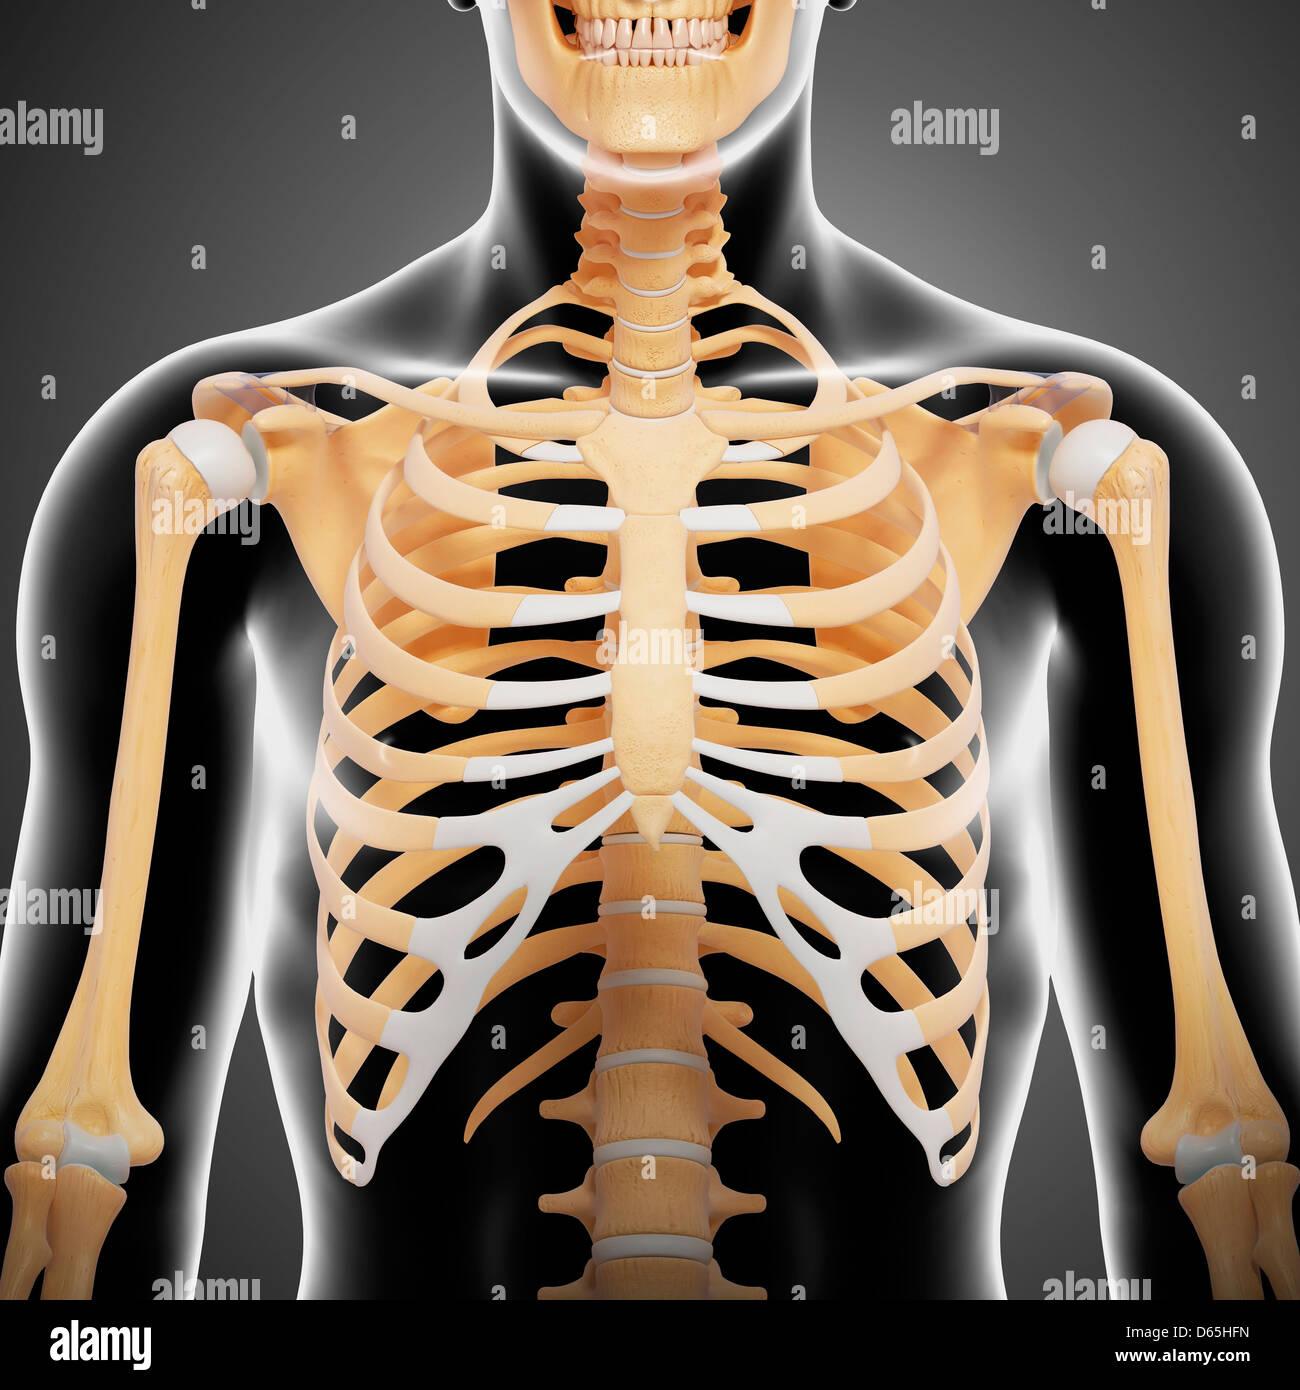 Oberkörper-Knochen, artwork Stockbild